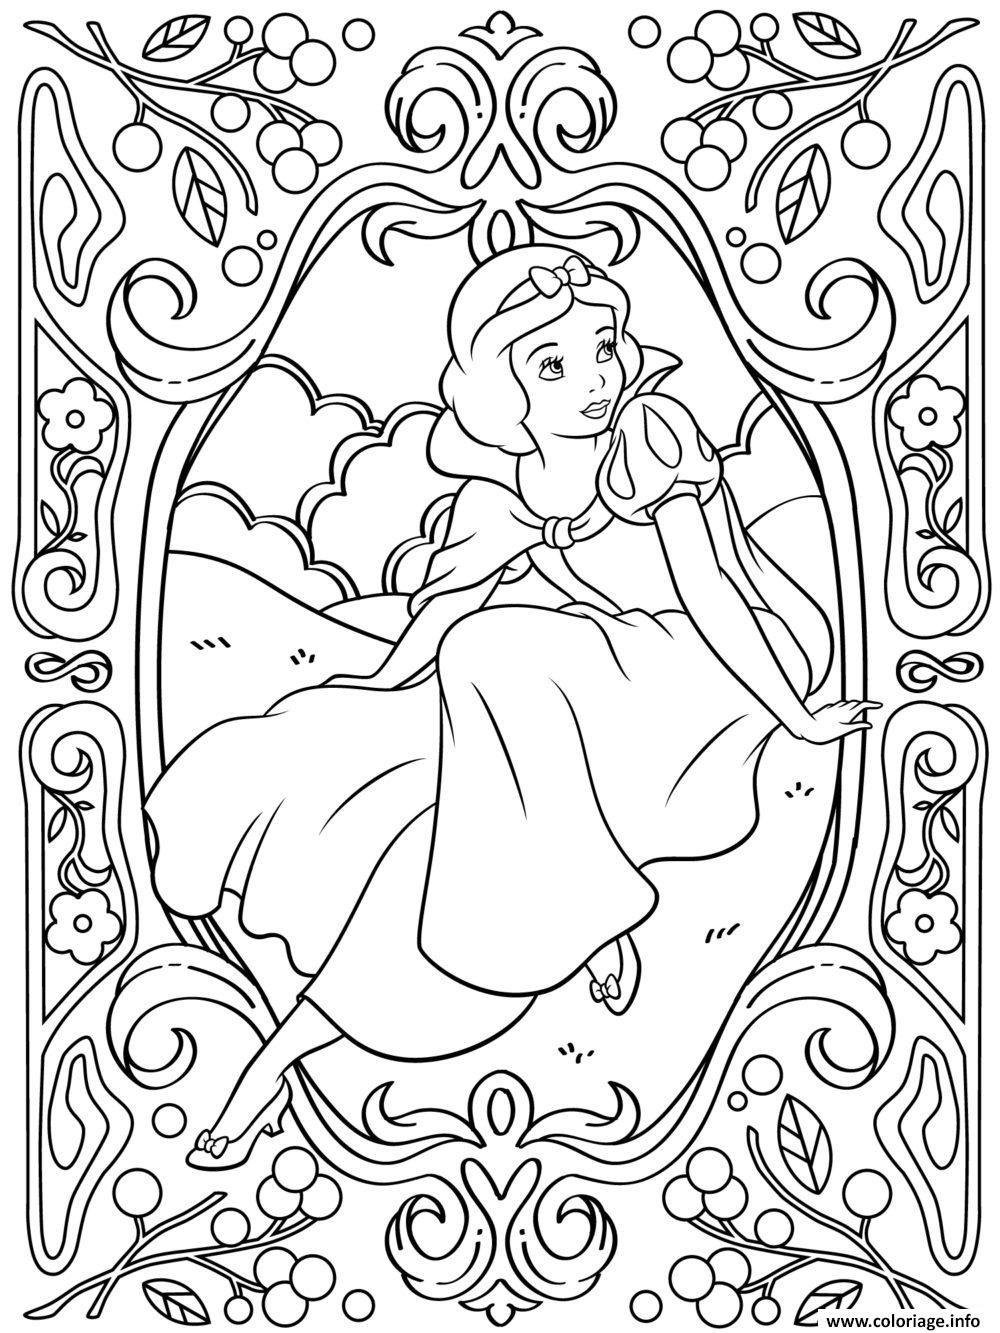 10 Intéressant Coloriage Princesse Disney Blanche Neige ...